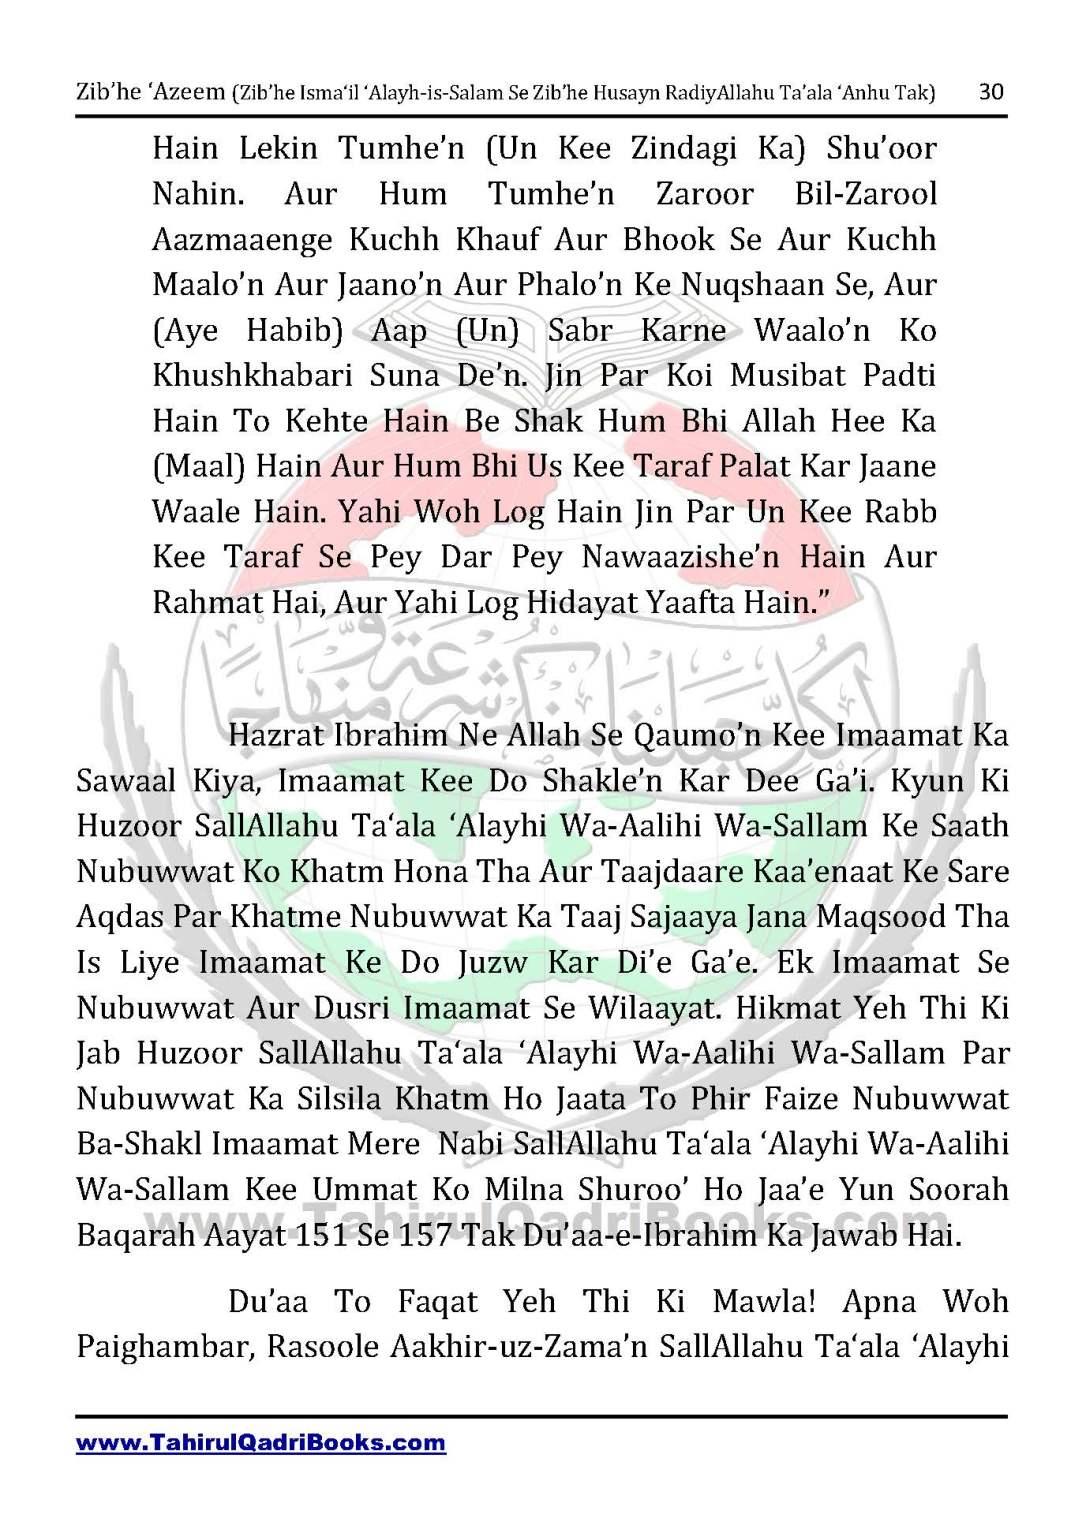 zib_he-e28098azeem-zib_he-ismacabbil-se-zib_he-husayn-tak-in-roman-urdu-unlocked_Page_030